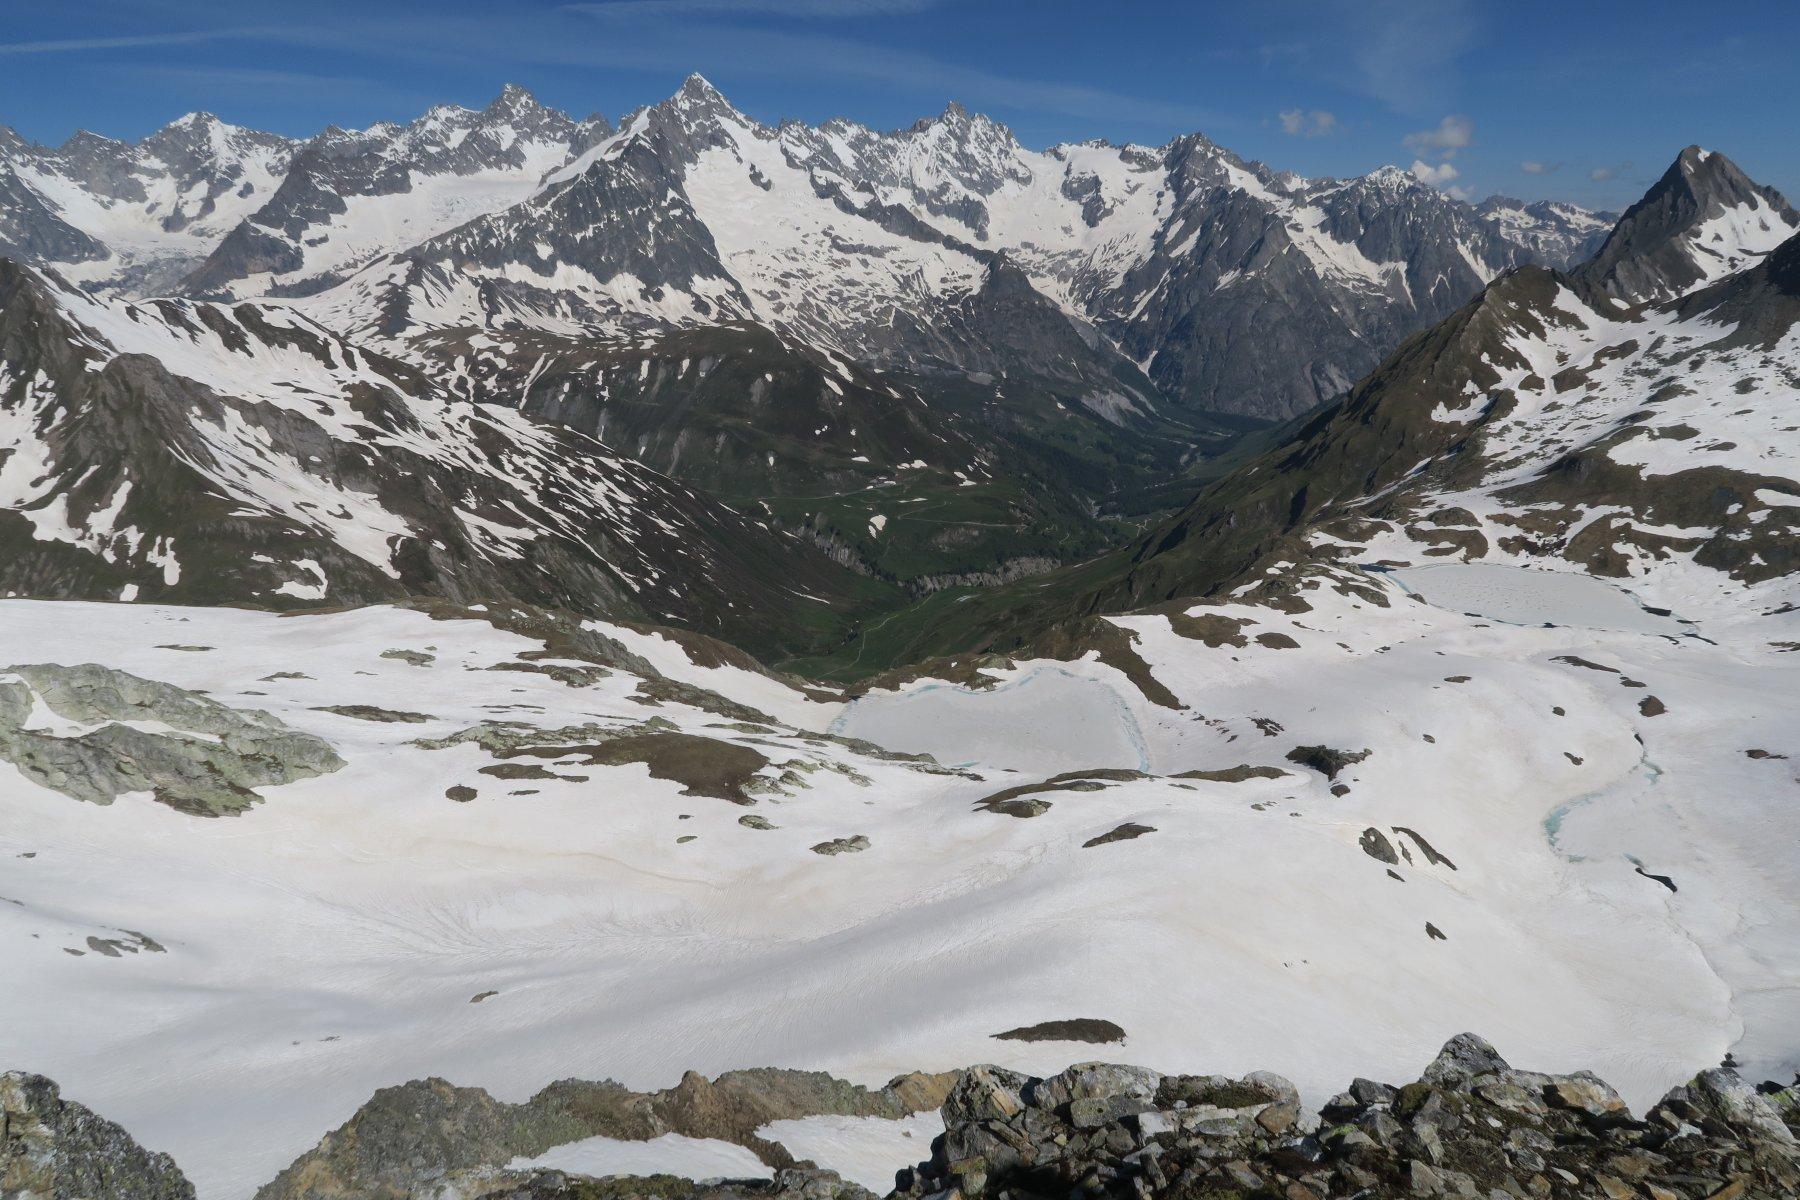 versante svizzero con i laghi di Fenetre, sullo sfondo il Dolent